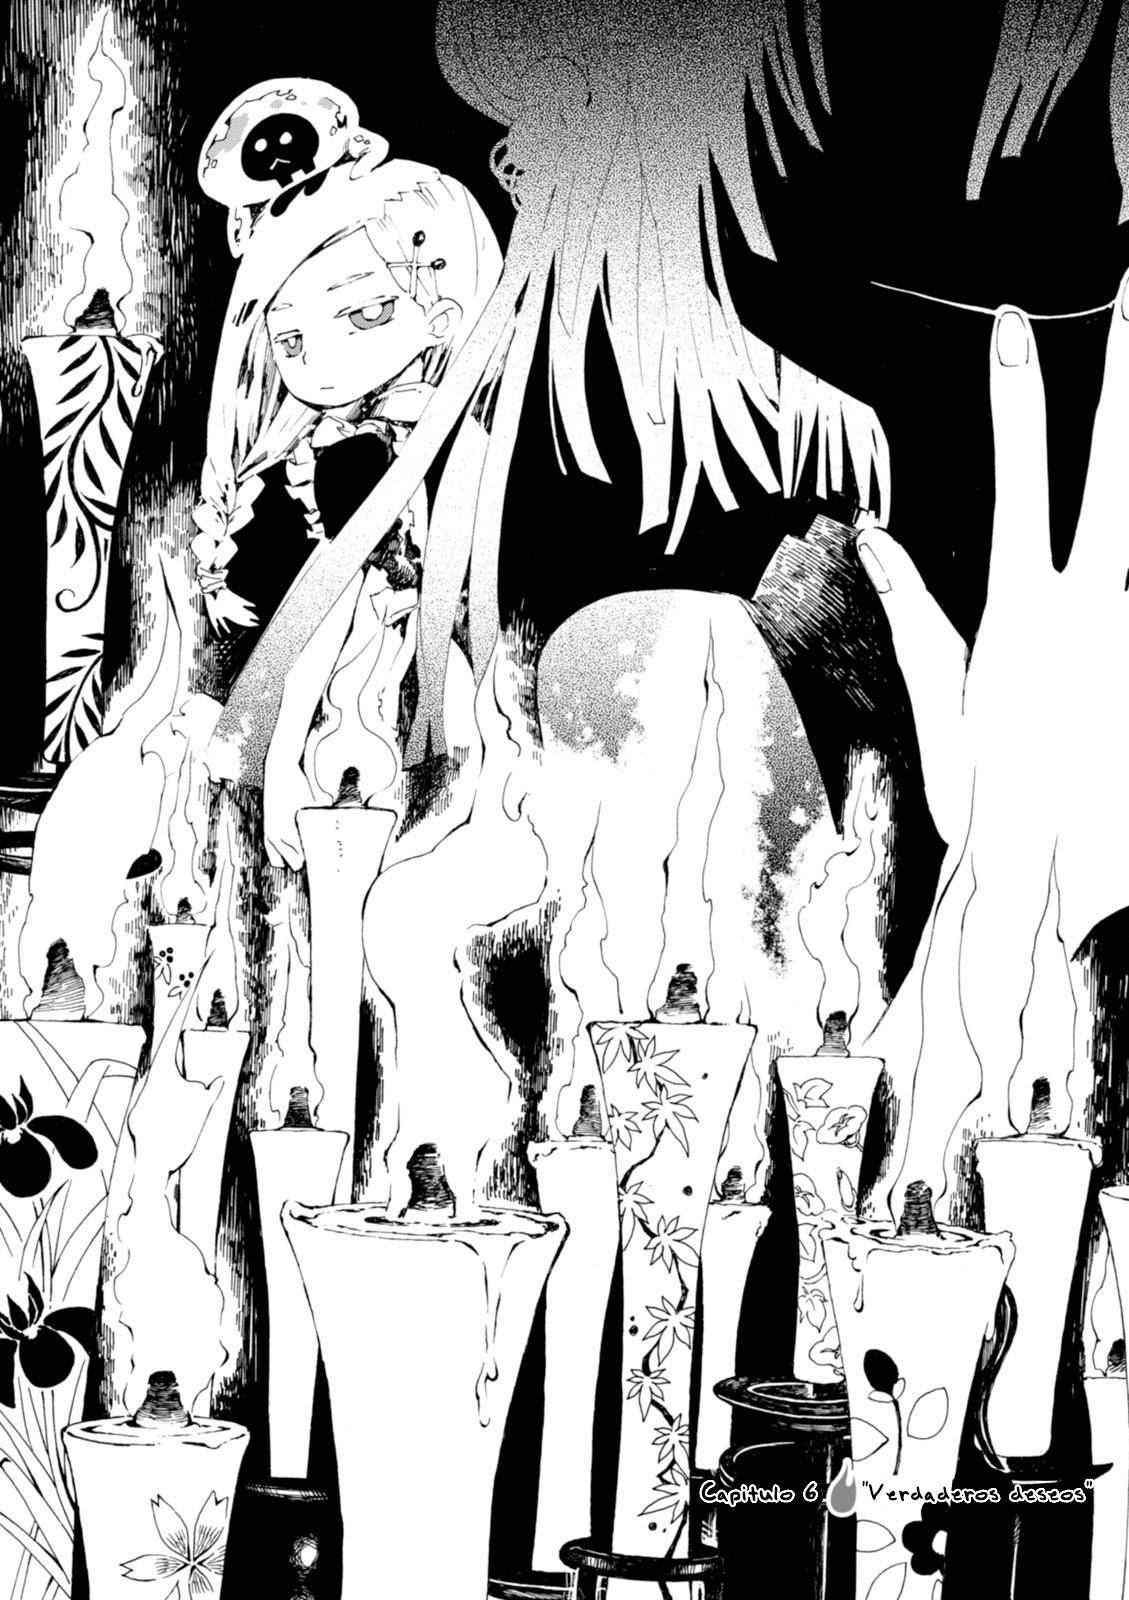 http://c5.ninemanga.com/es_manga/27/17755/477202/13ab292915288fa2636f26c869f66e98.jpg Page 2